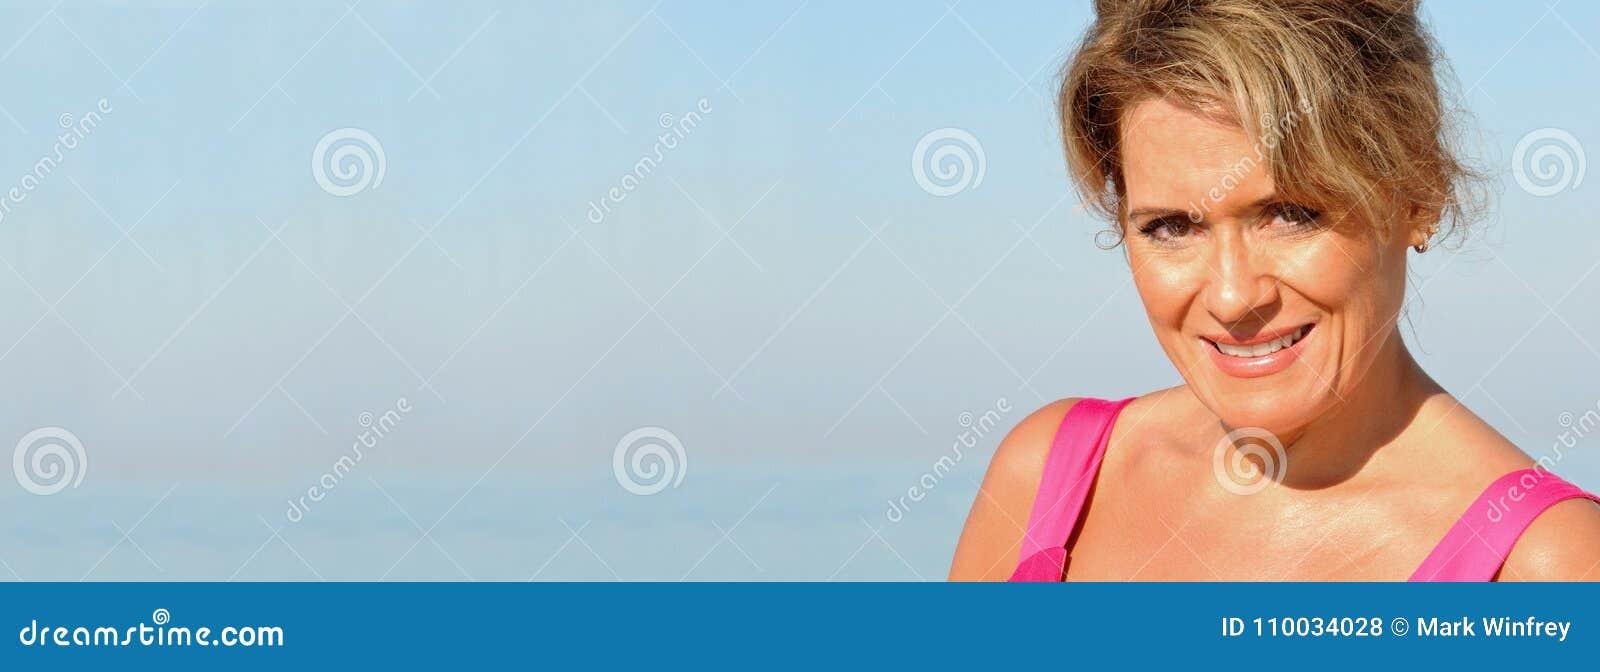 Een aantrekkelijke vrouw